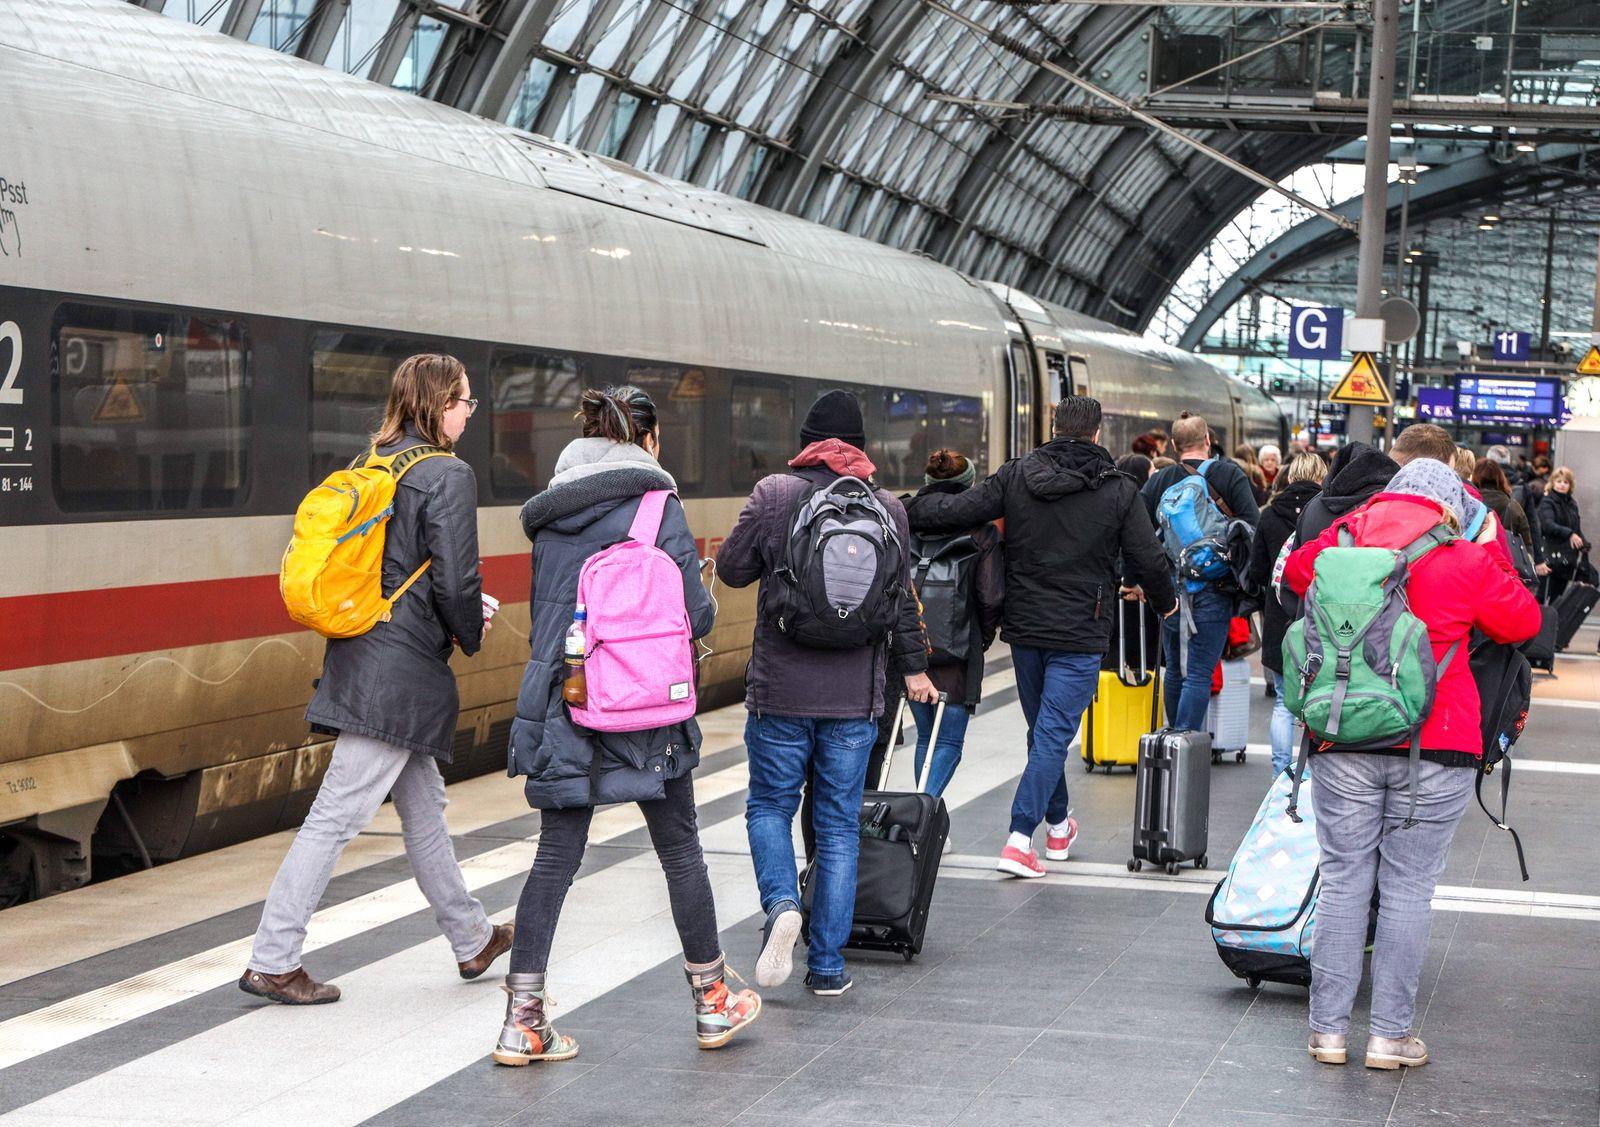 DEU, Deutschland, Berlin, 07.03.2020: Berlin Hauptbahnhof. Intercity Express Zug der Deutschen Bahn, Reisende auf dem B